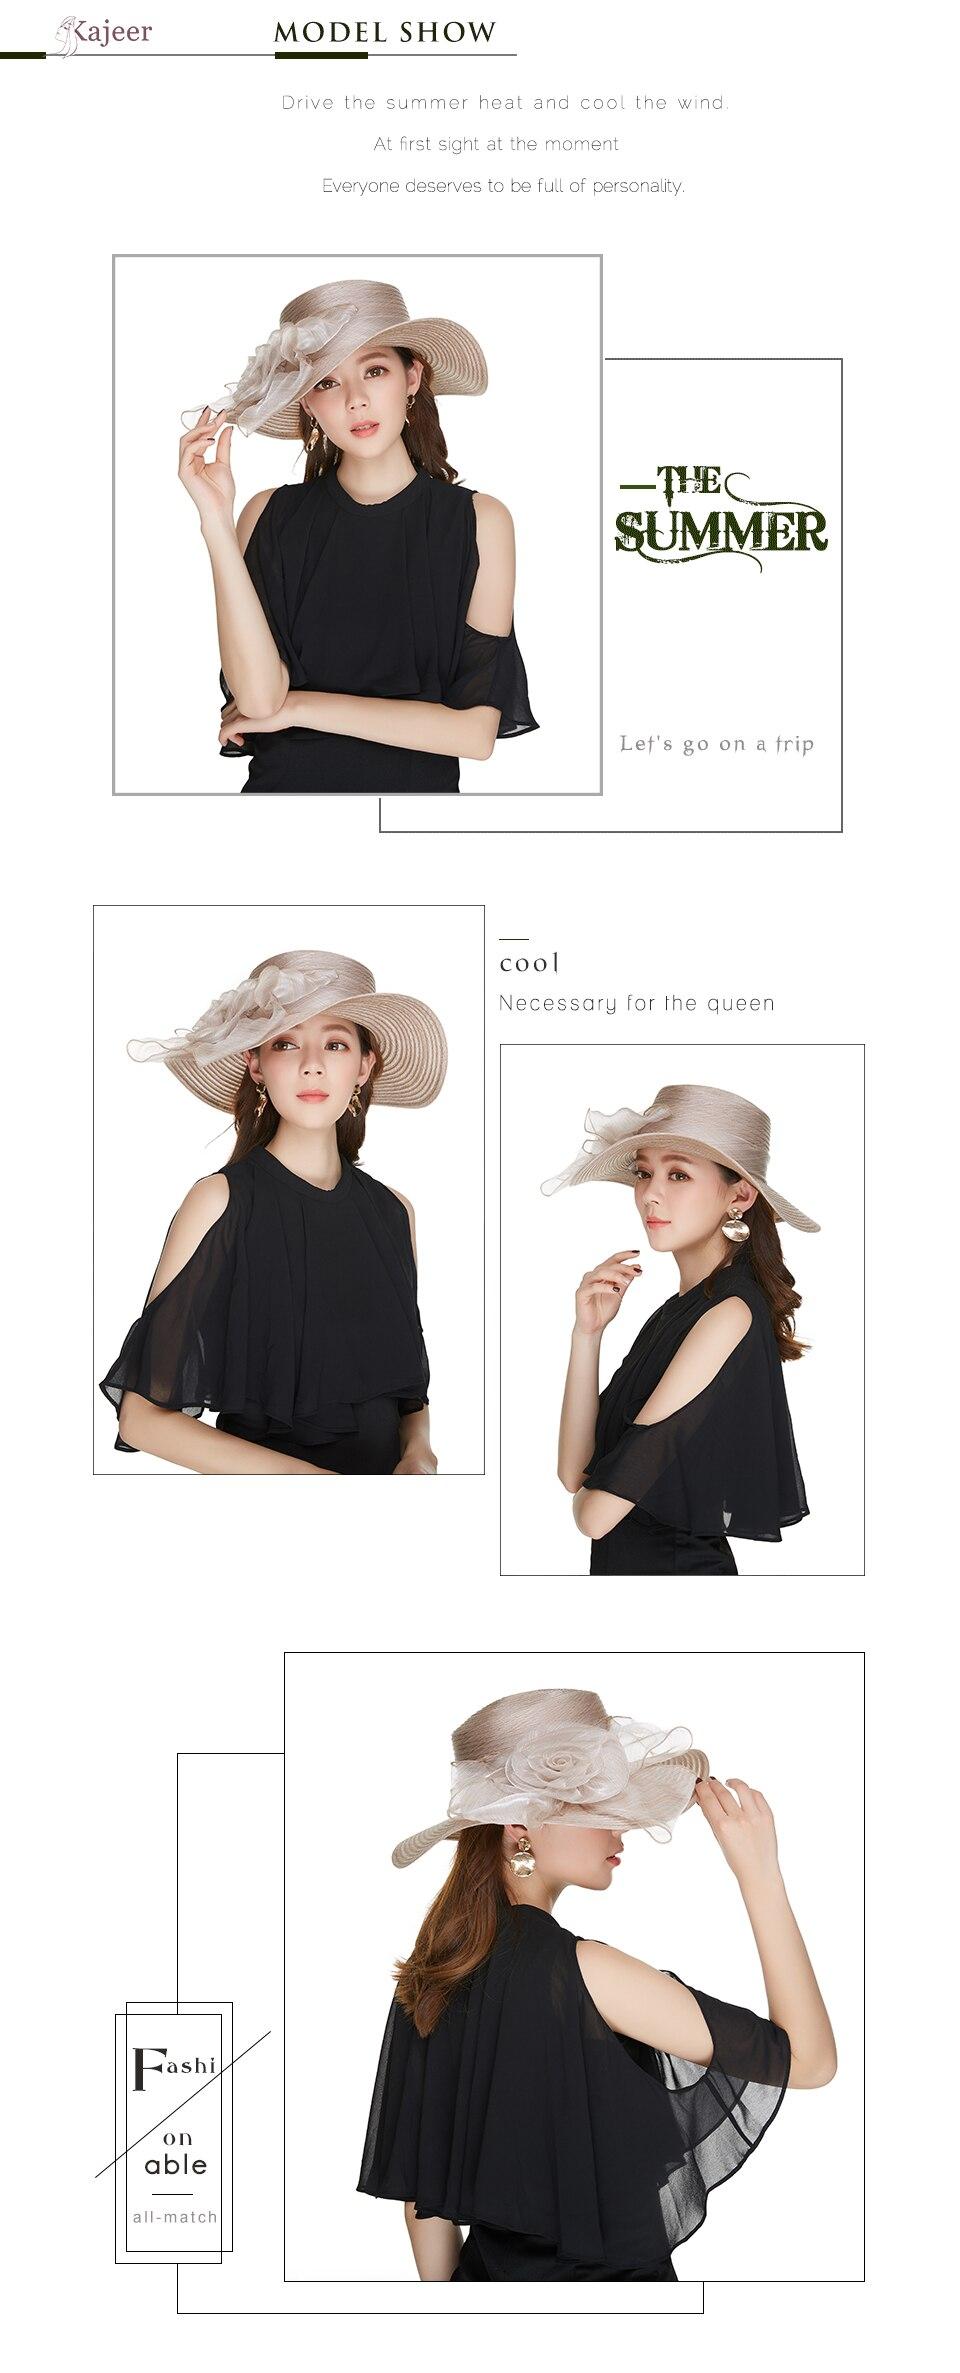 Detalle Comentarios Preguntas sobre Sombreros de verano Kajeer para ... b11174b03b3